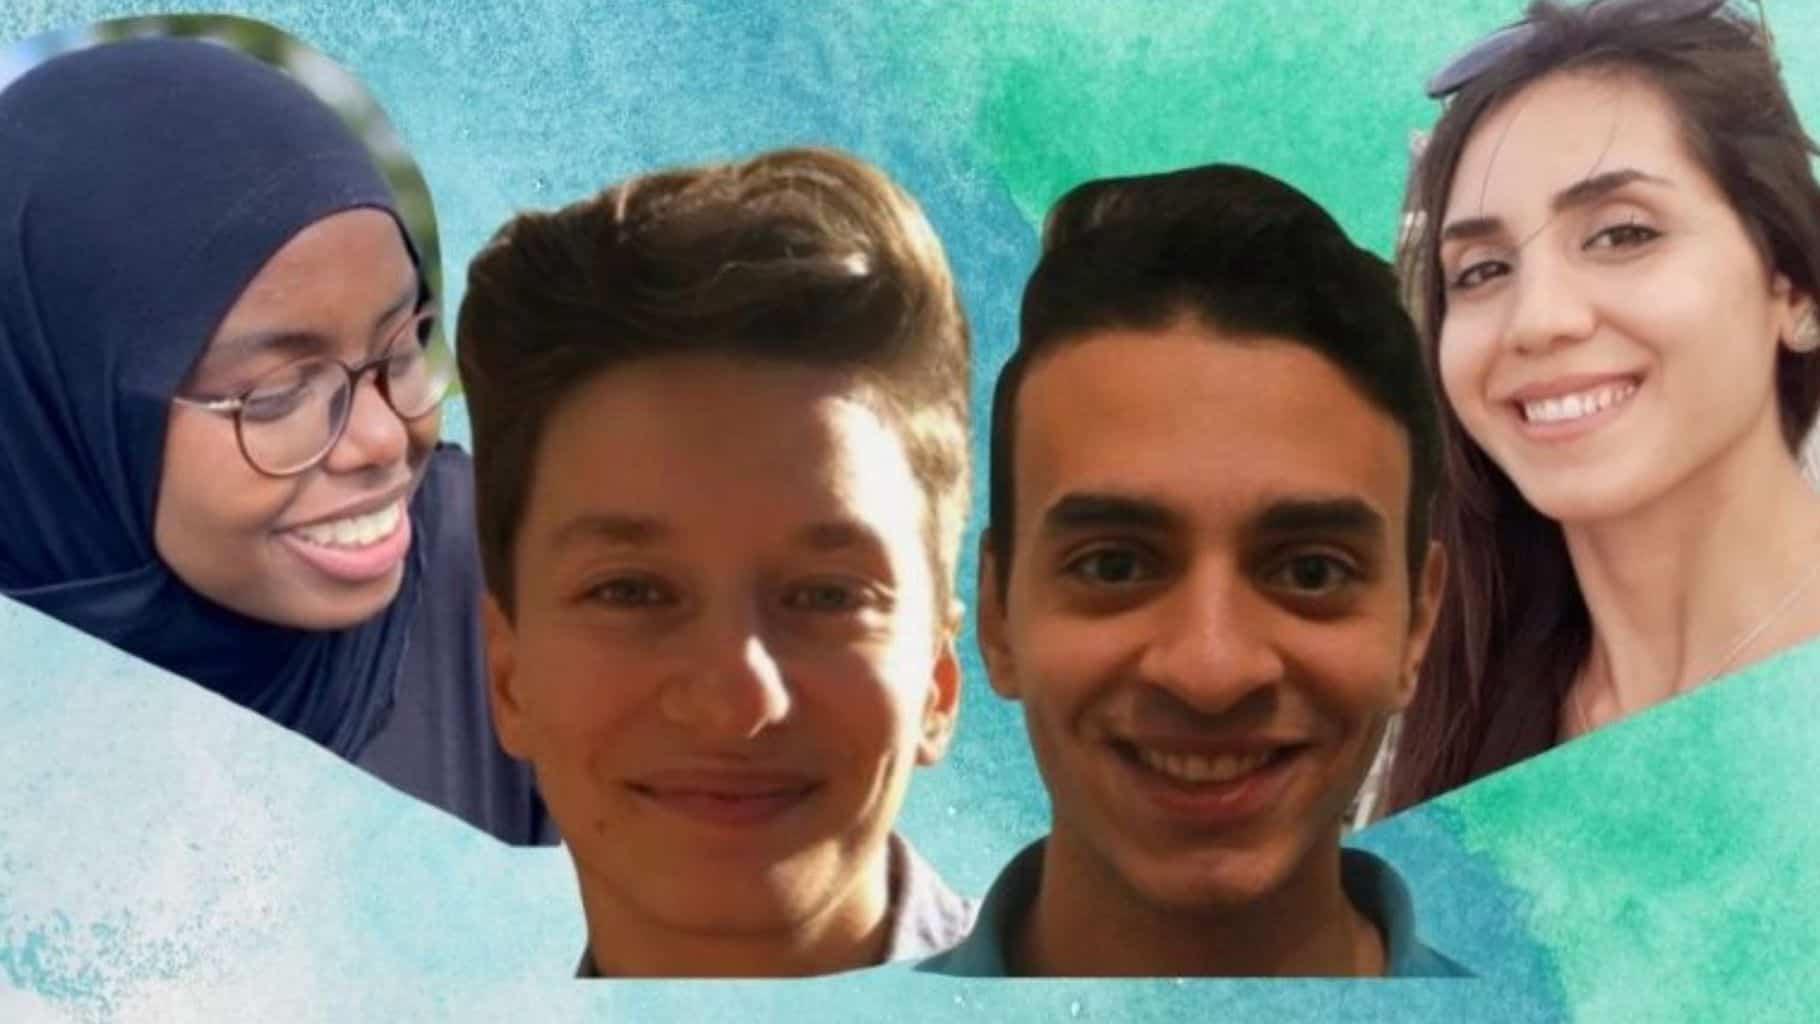 Unsere vier neuen Community Manager*innen